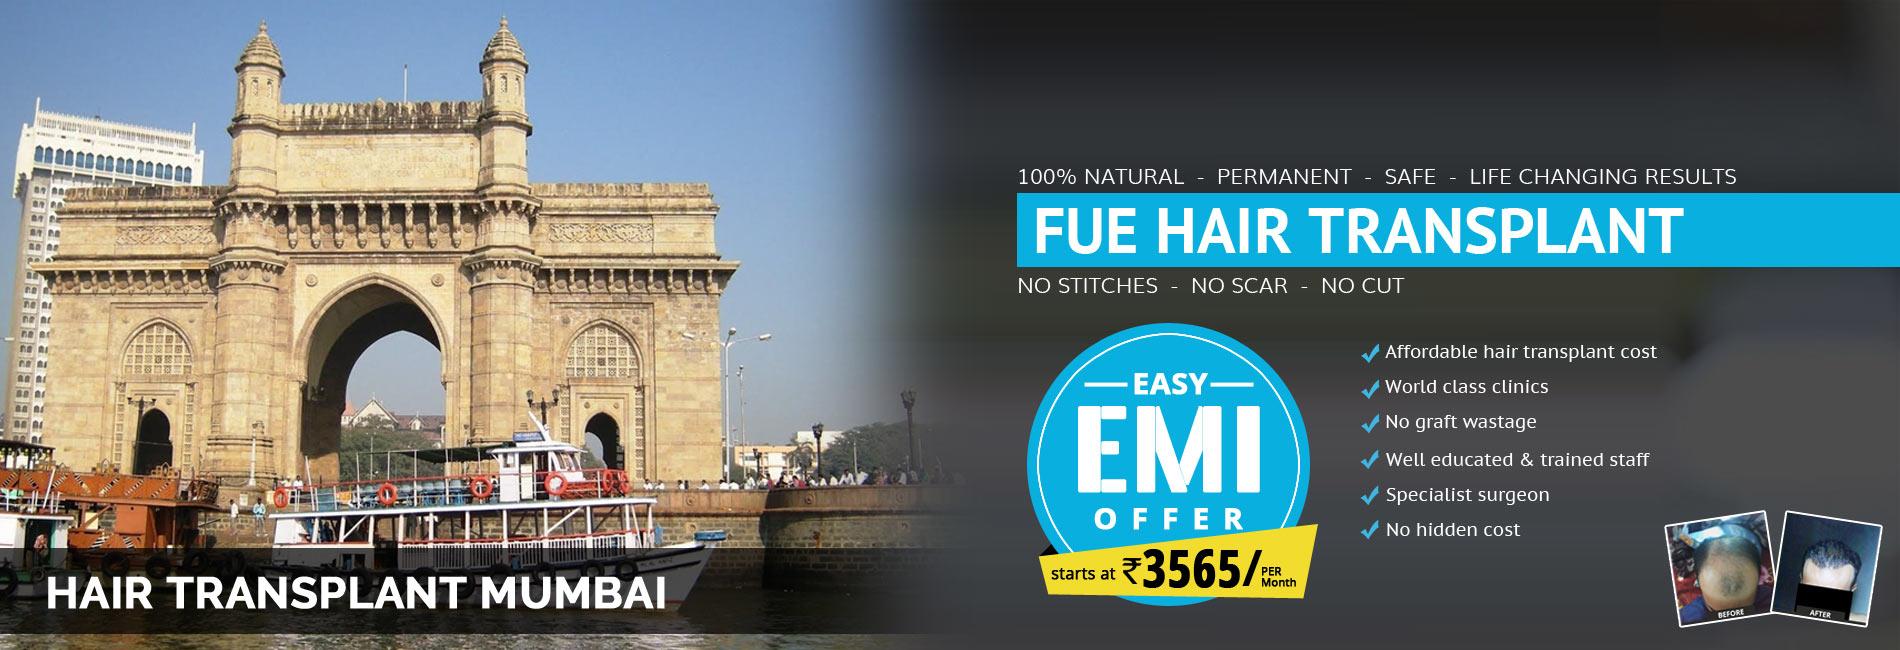 Hair Transplant Mumbai